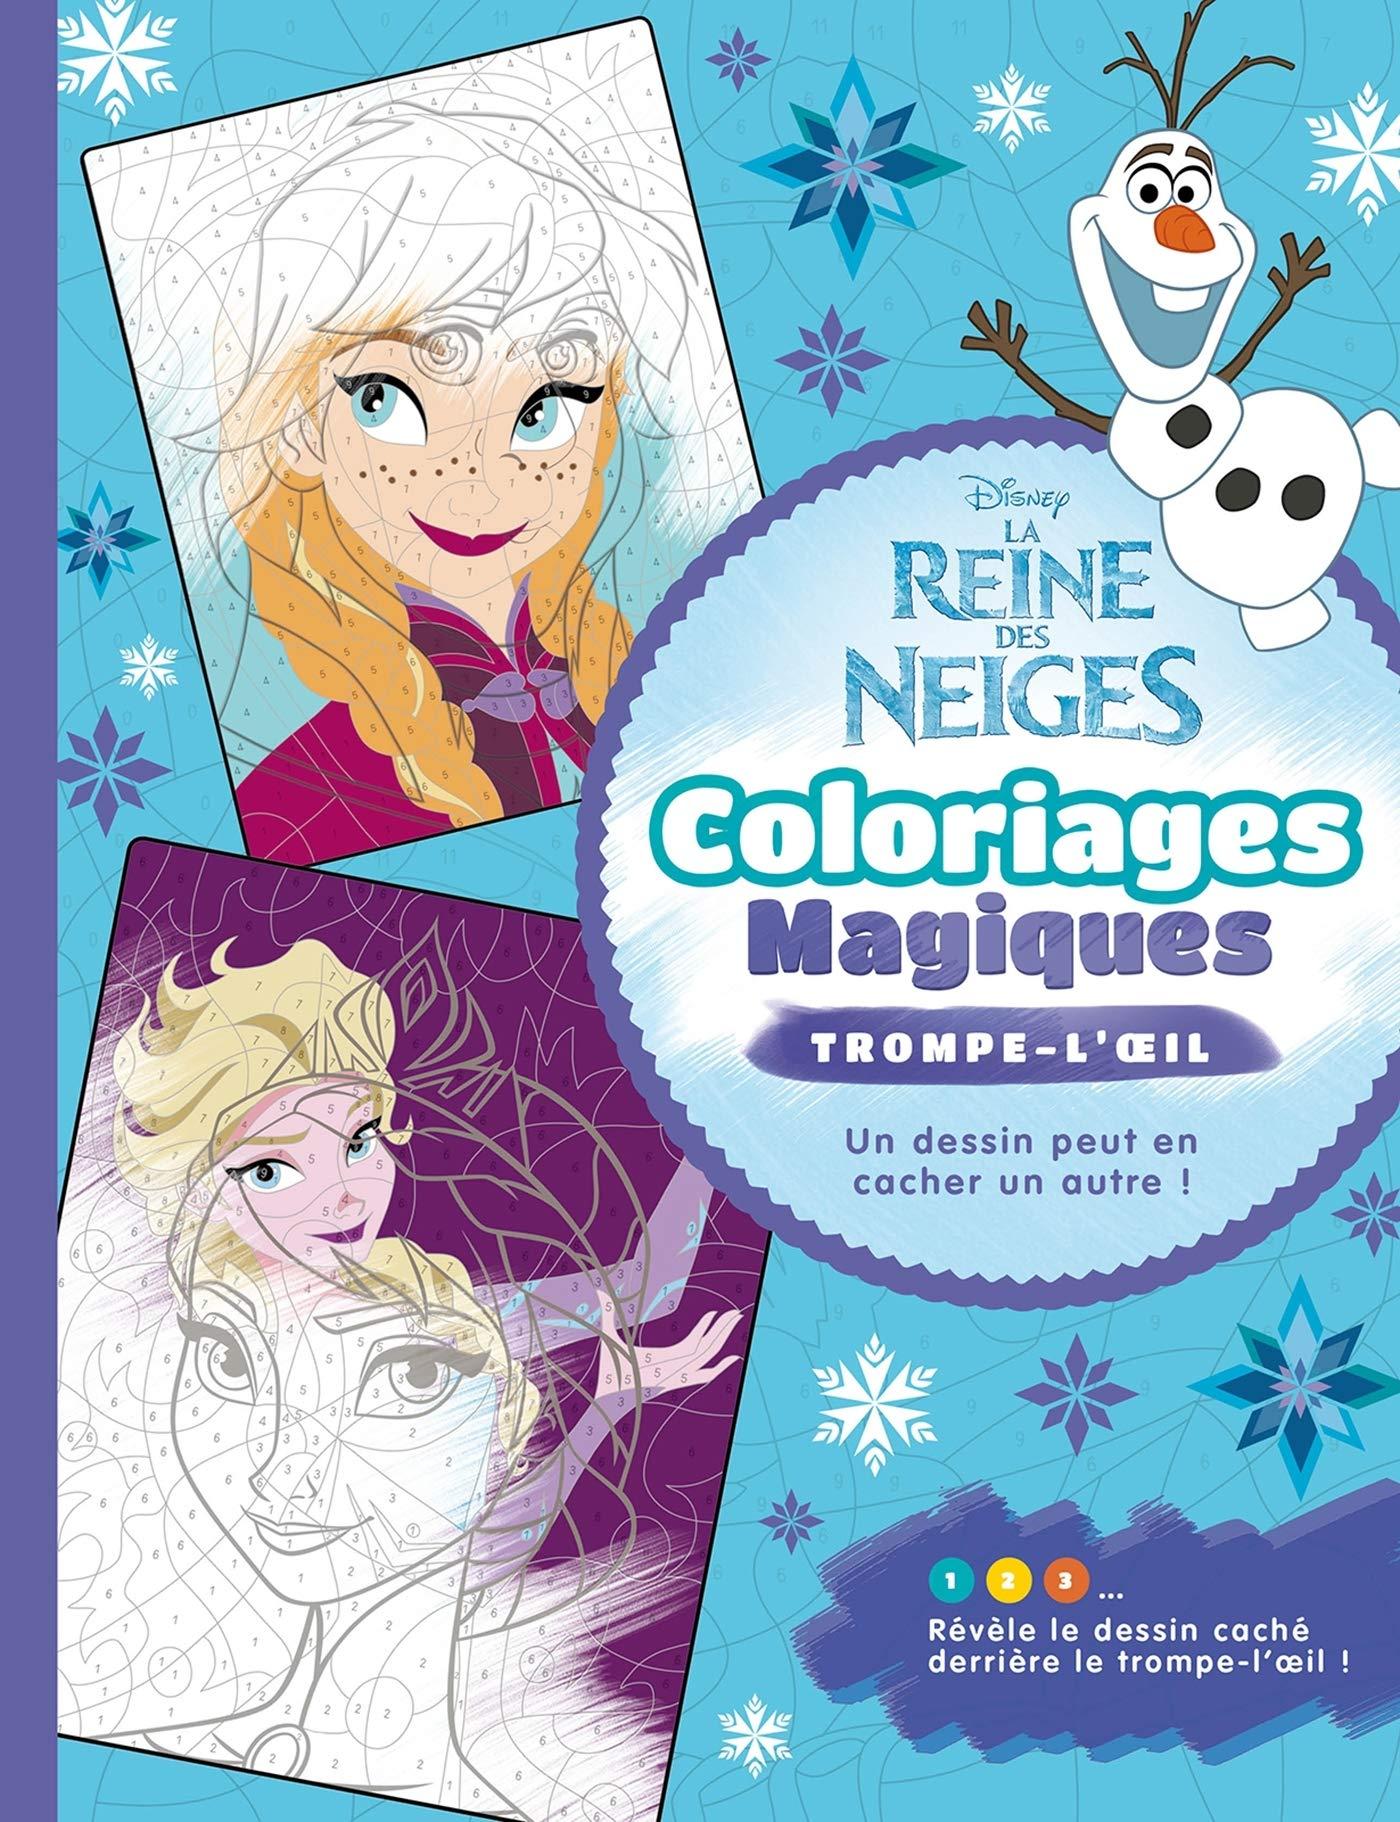 La Reine Des Neiges Coloriages Magiques Trompe L Oeil Disney